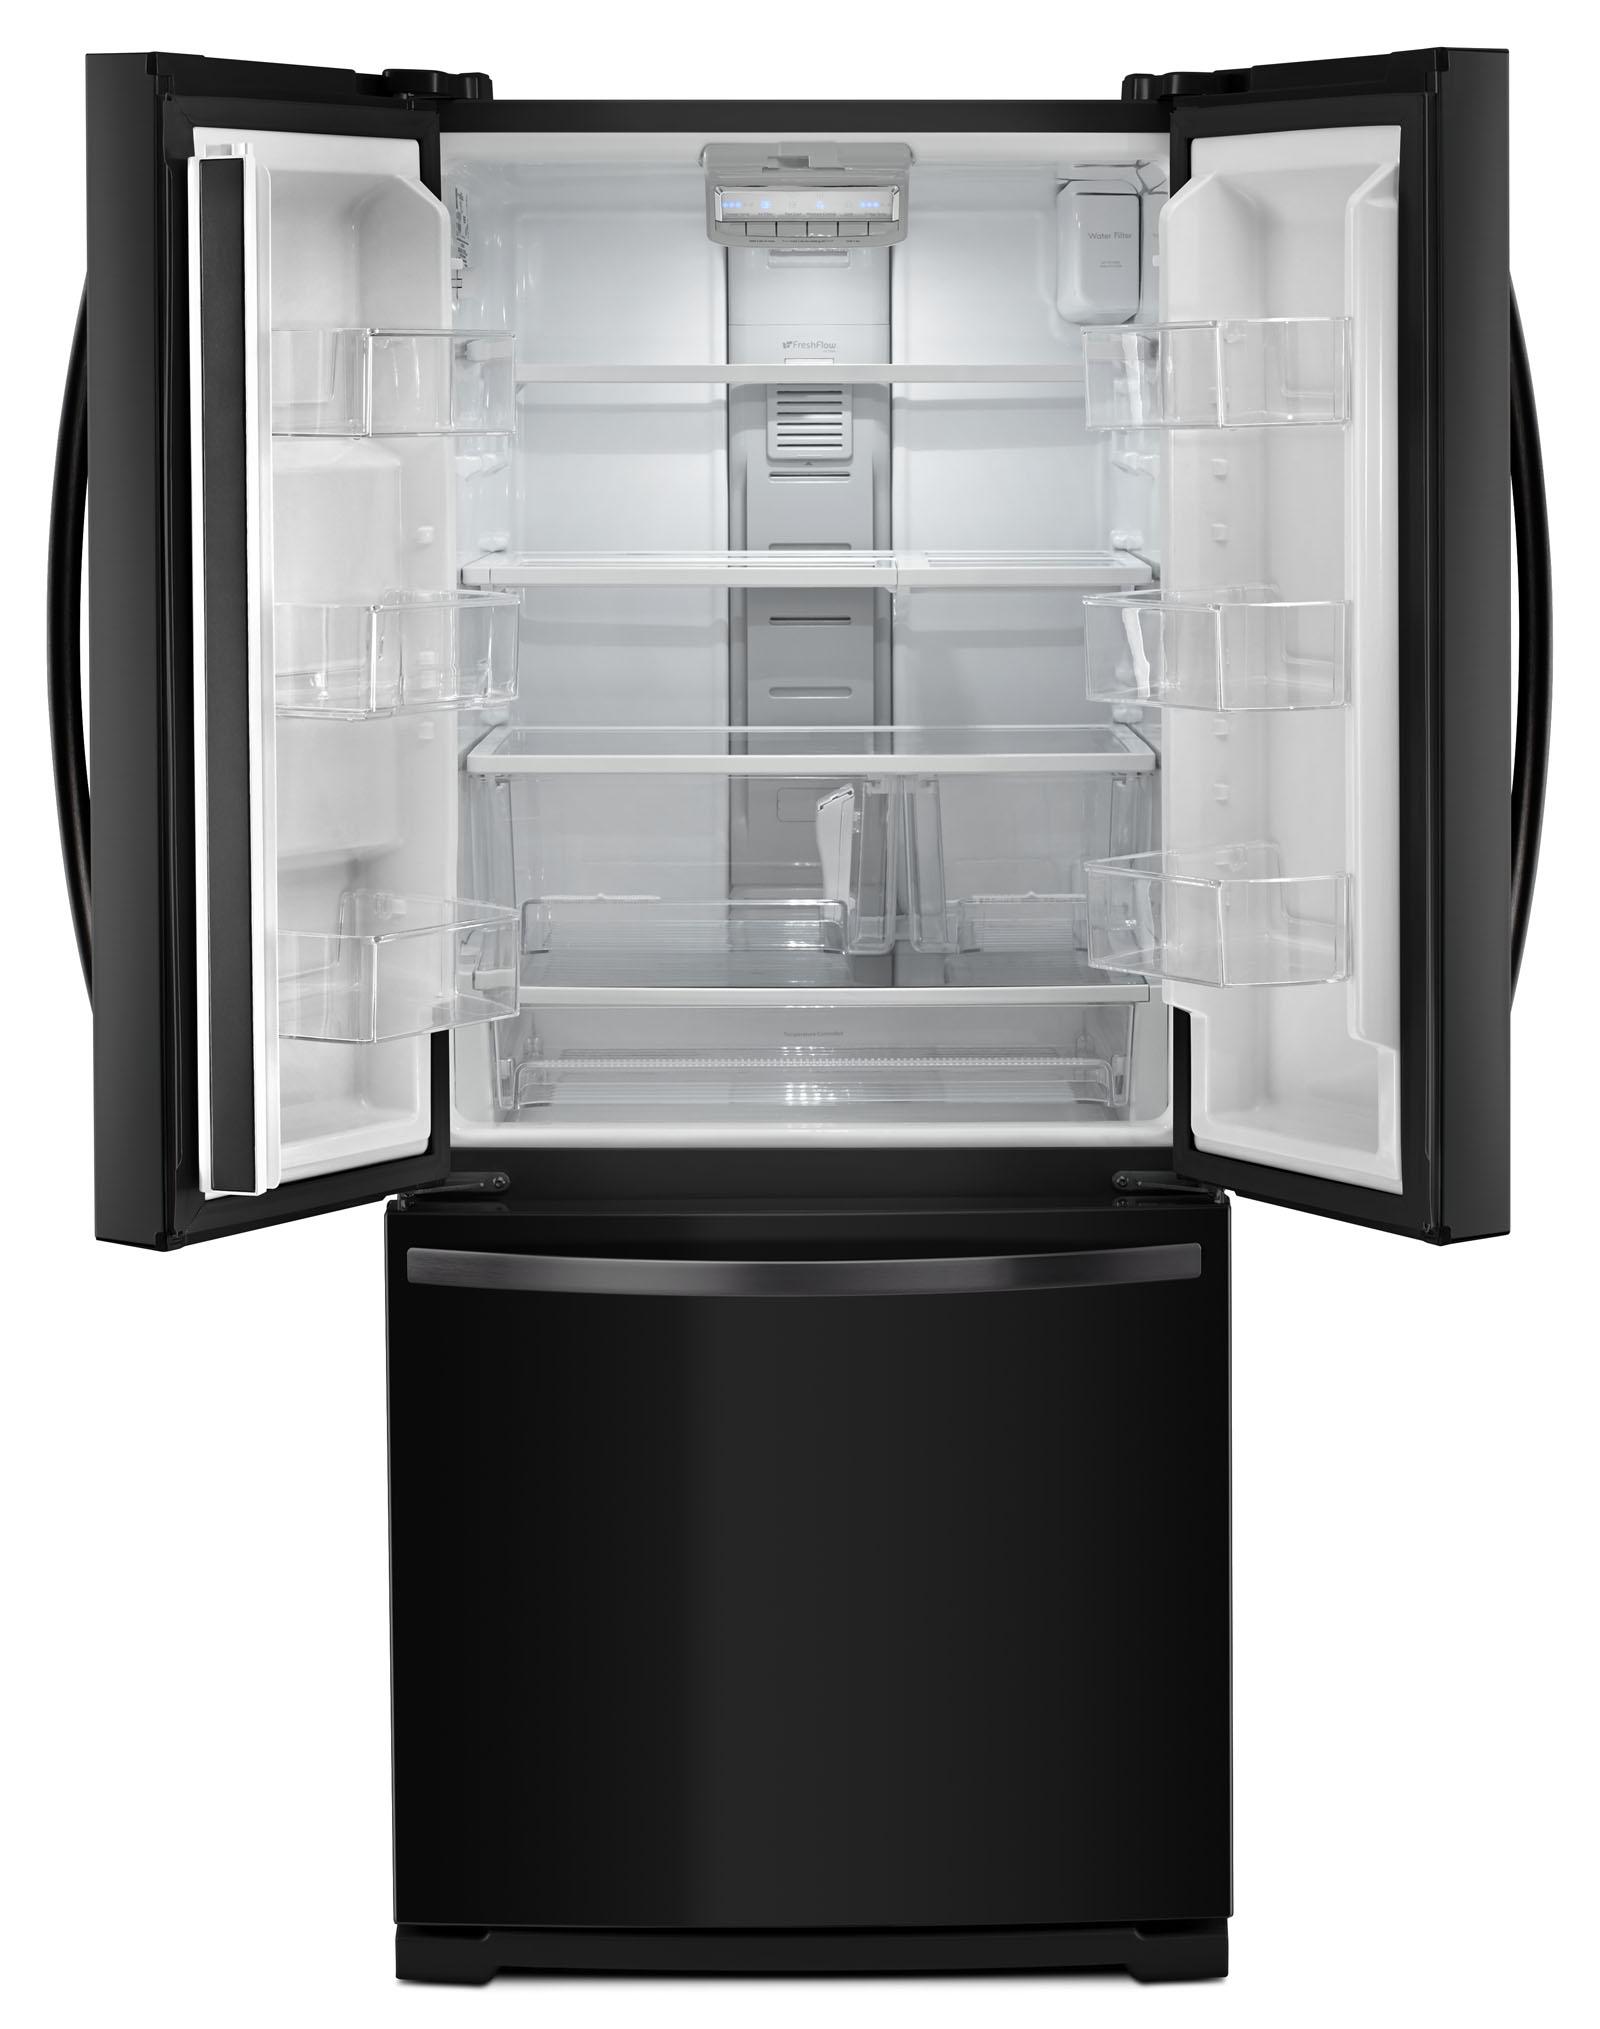 Kenmore 73009 19.5 cu. ft. Bottom Freezer Refrigerator - Black